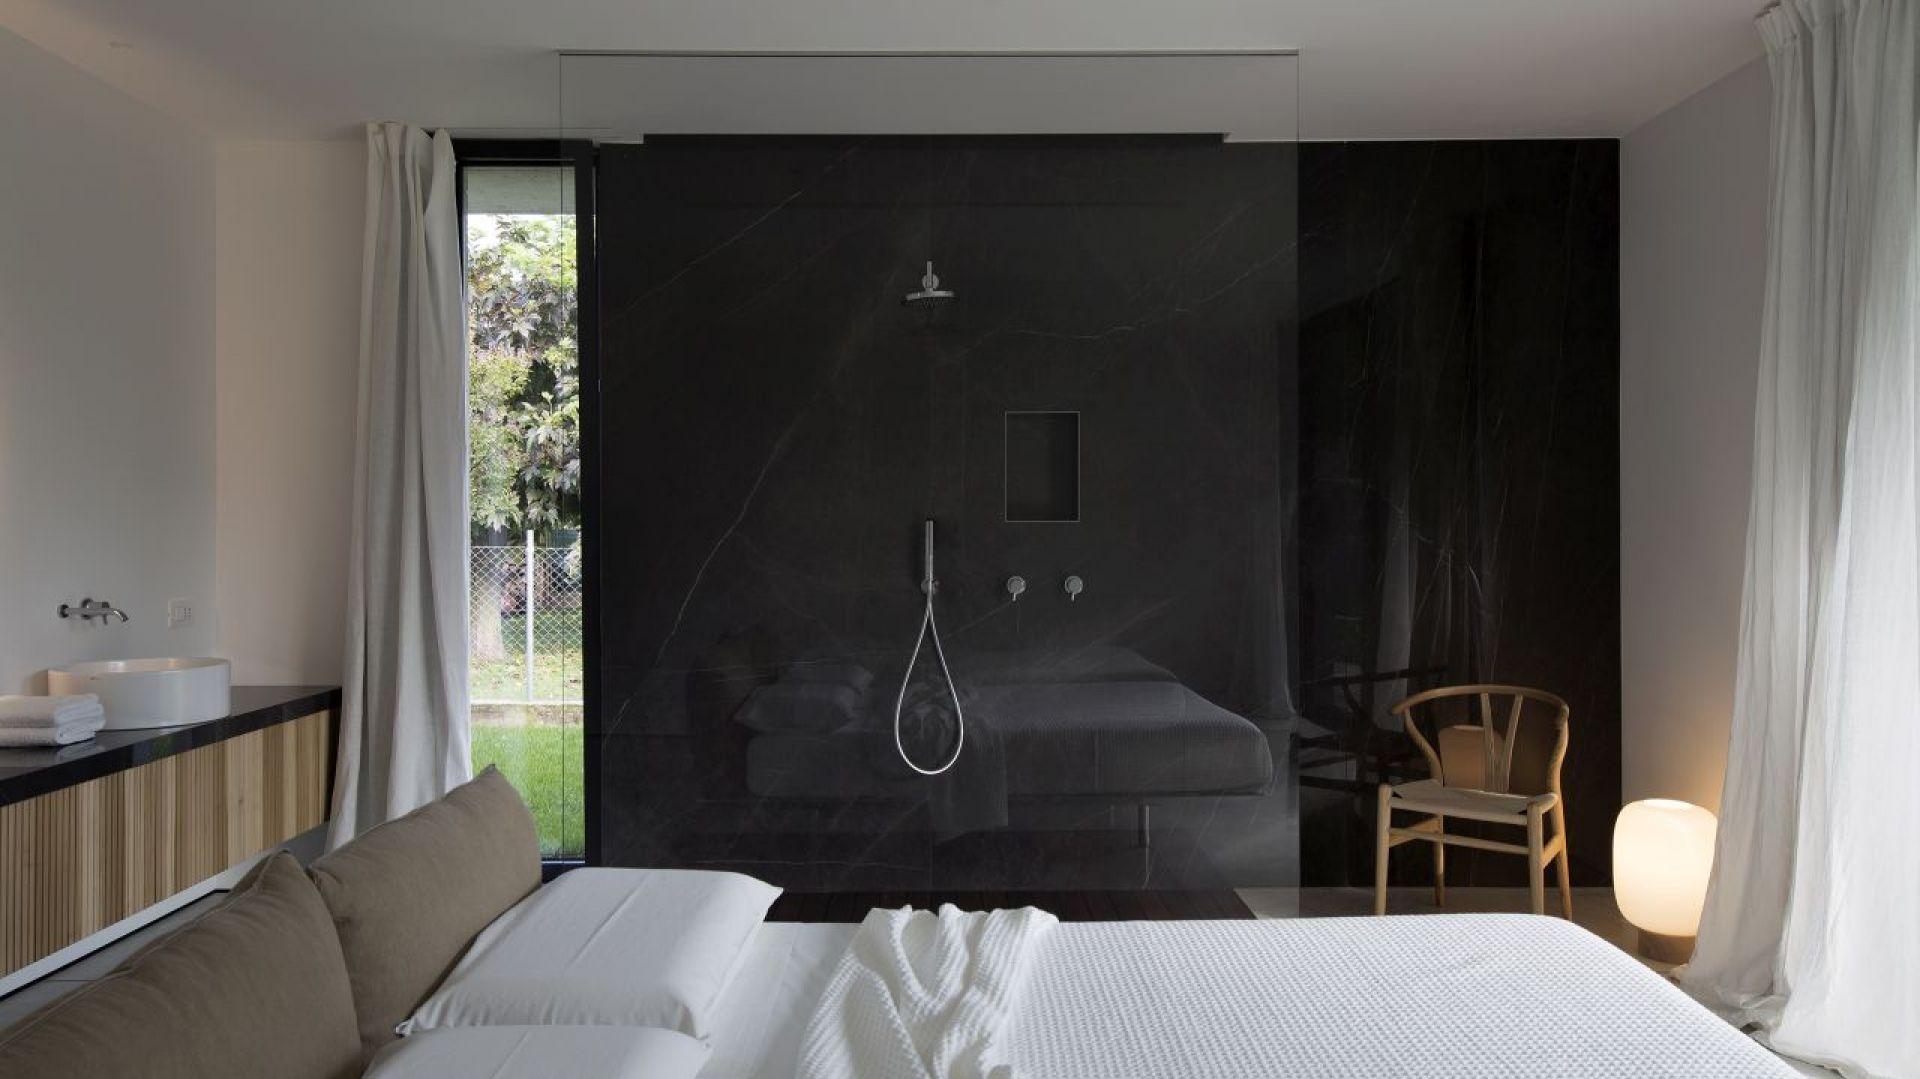 Elegancja i minimalistyczny design kolekcji podkreślają ekskluzywne wnętrza łazienek z ogromną dbałością o szczegóły. Fot. Ritmonio